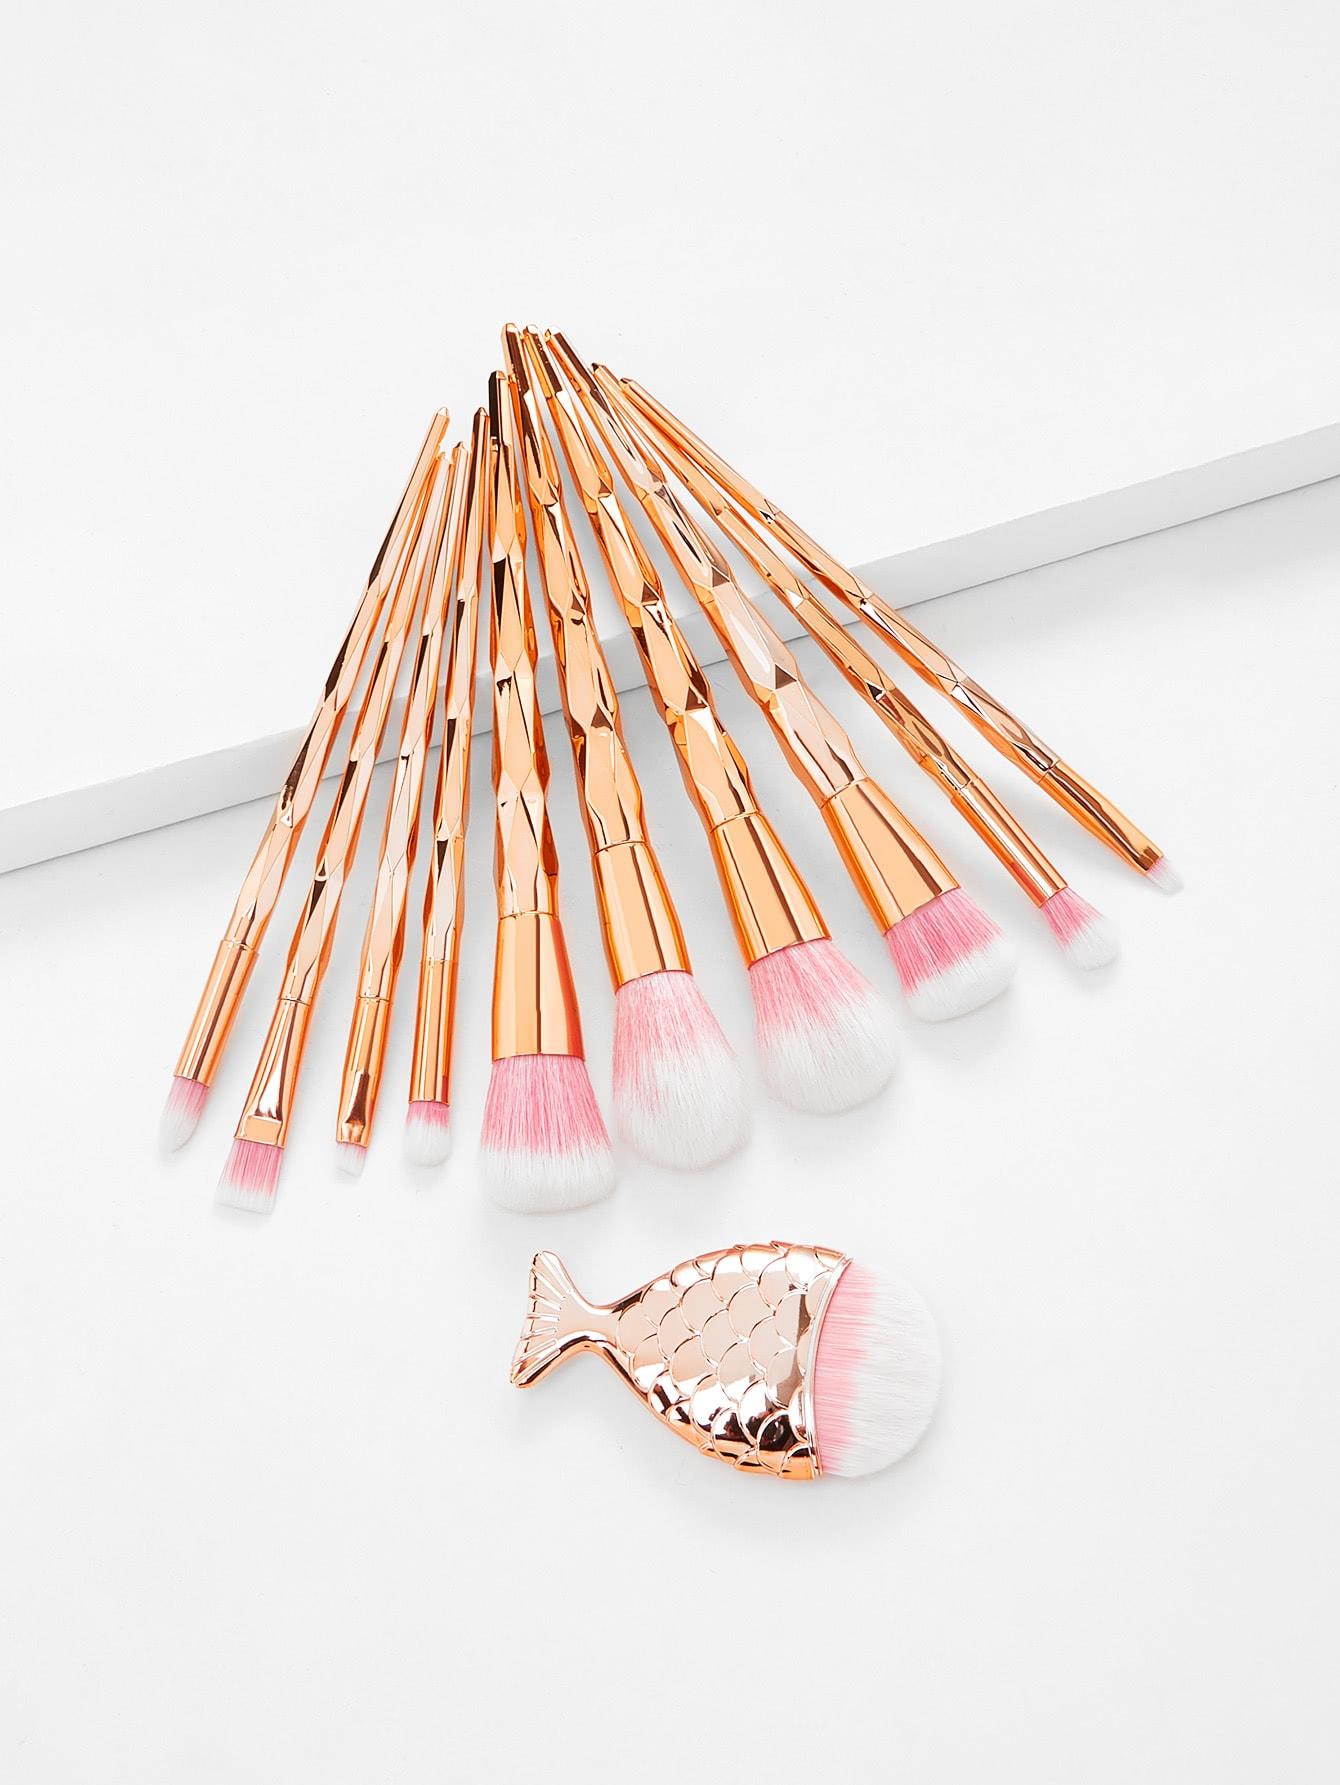 Diamond Shaped Handle Makeup Brush 11pcs